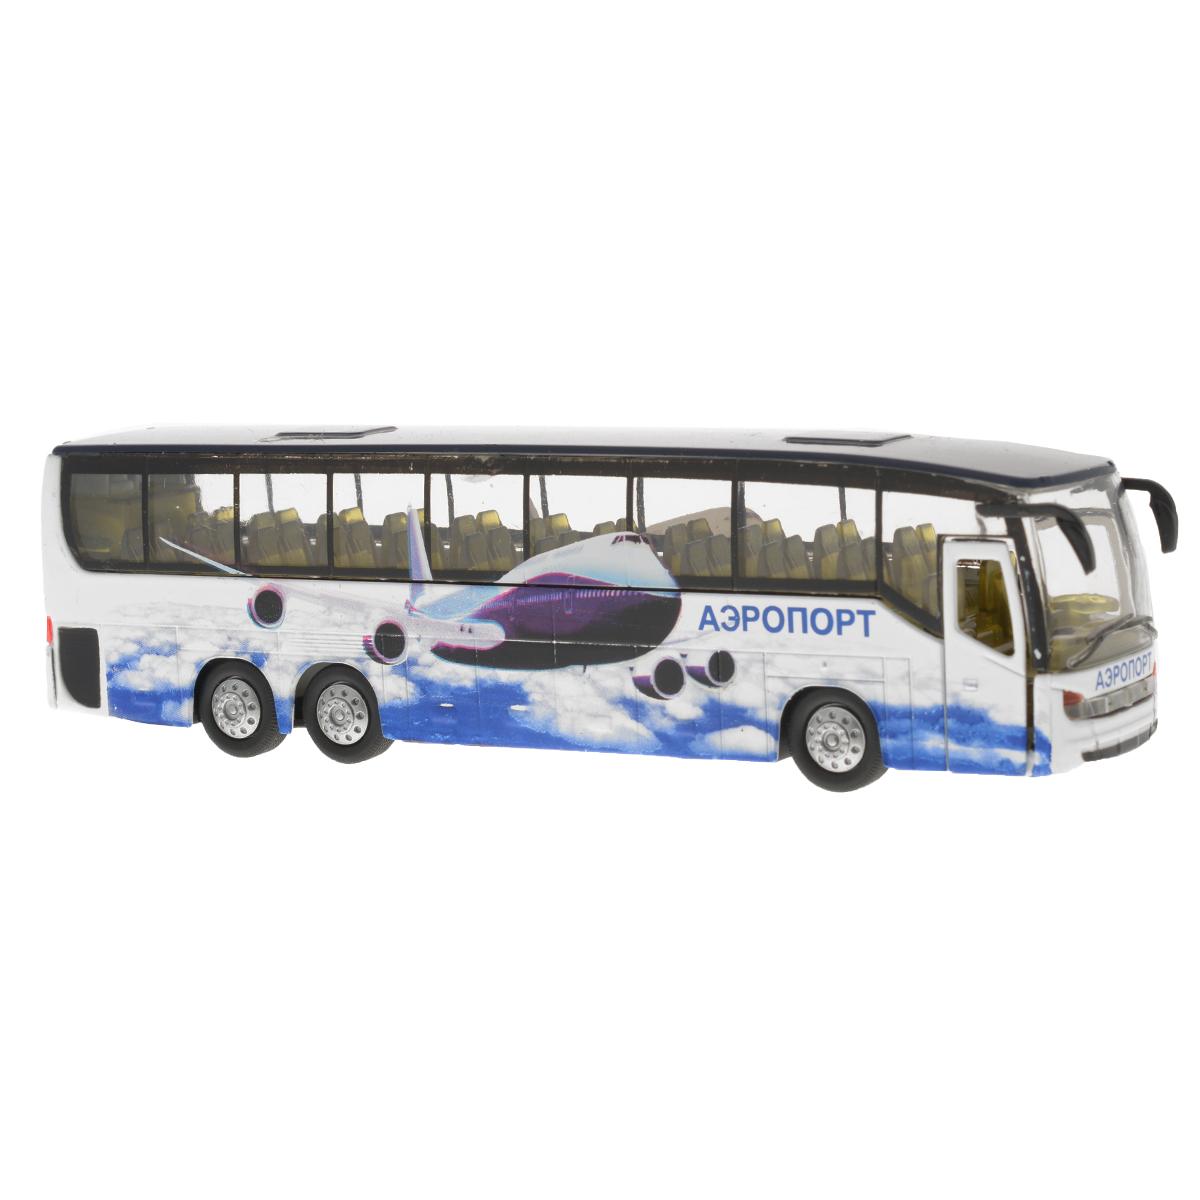 Игрушка инерционная ТехноПарк Автобус. CT10-025(SB)CT10-025(SB)Инерционная игрушка ТехноПарк Автобус, выполненная из пластика и металла, станет любимой игрушкой вашего малыша. Игрушка представляет собой модель автобуса с надписью Аэропорт. Дверь, ведущая в салон, и багажное отделение автобуса открываются. При нажатии на крышу замигает внутренняя подсветка и раздастся звук работающего двигателя. Игрушка оснащена инерционным ходом. Автобус необходимо отвести назад, затем отпустить - и он быстро поедет вперед. Прорезиненные колеса обеспечивают надежное сцепление с любой гладкой поверхностью. Ваш ребенок будет часами играть с этой игрушкой, придумывая различные истории. Порадуйте его таким замечательным подарком! Автобус работает от батареек (товар комплектуется демонстрационными).